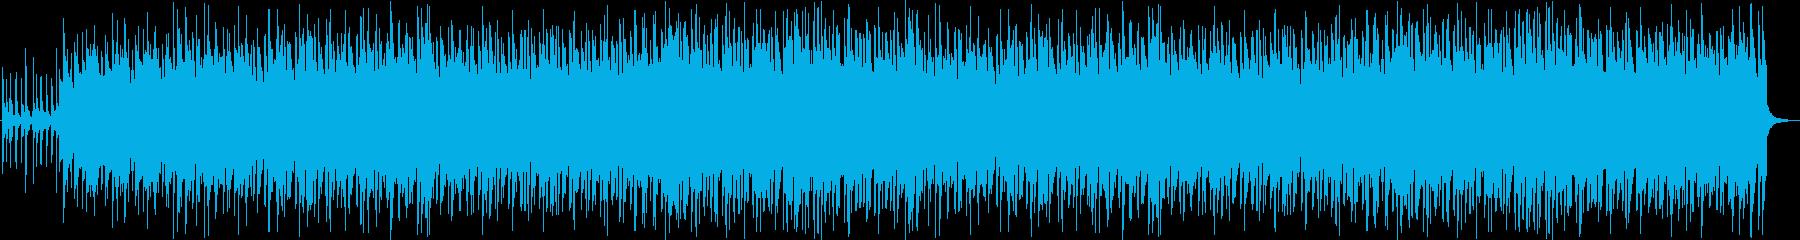 夏に降る雨をイメージしたポップなBGMの再生済みの波形